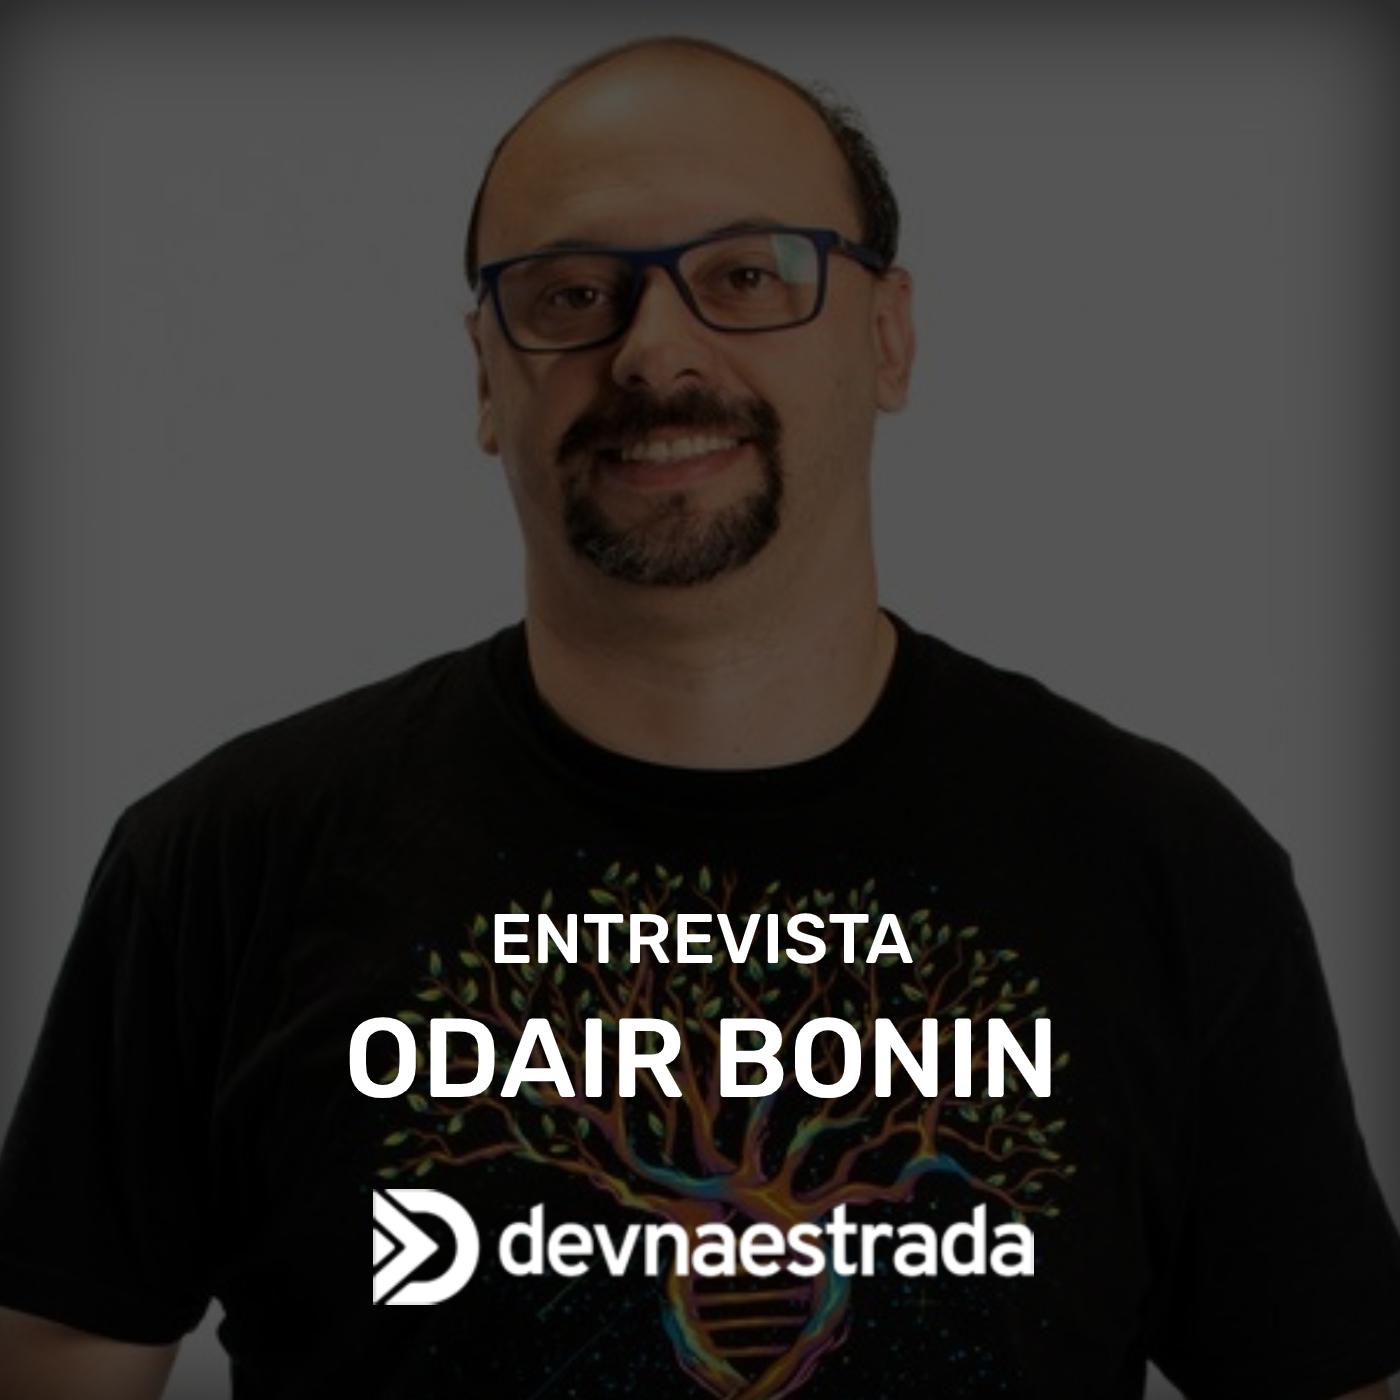 Entrevista: Odair Bonin